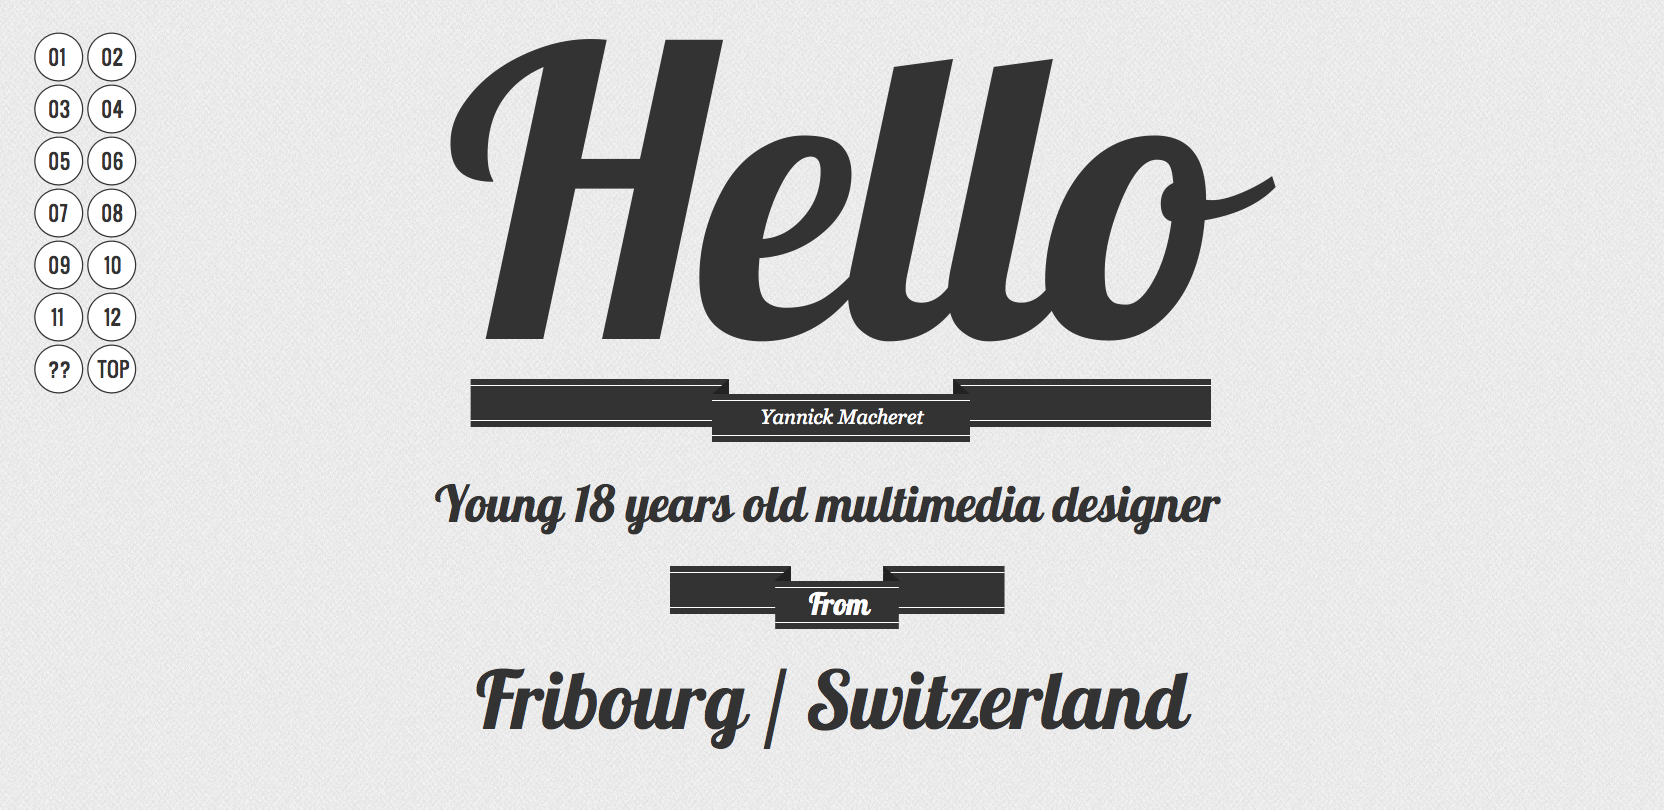 Yannick Macheret Website Screenshot